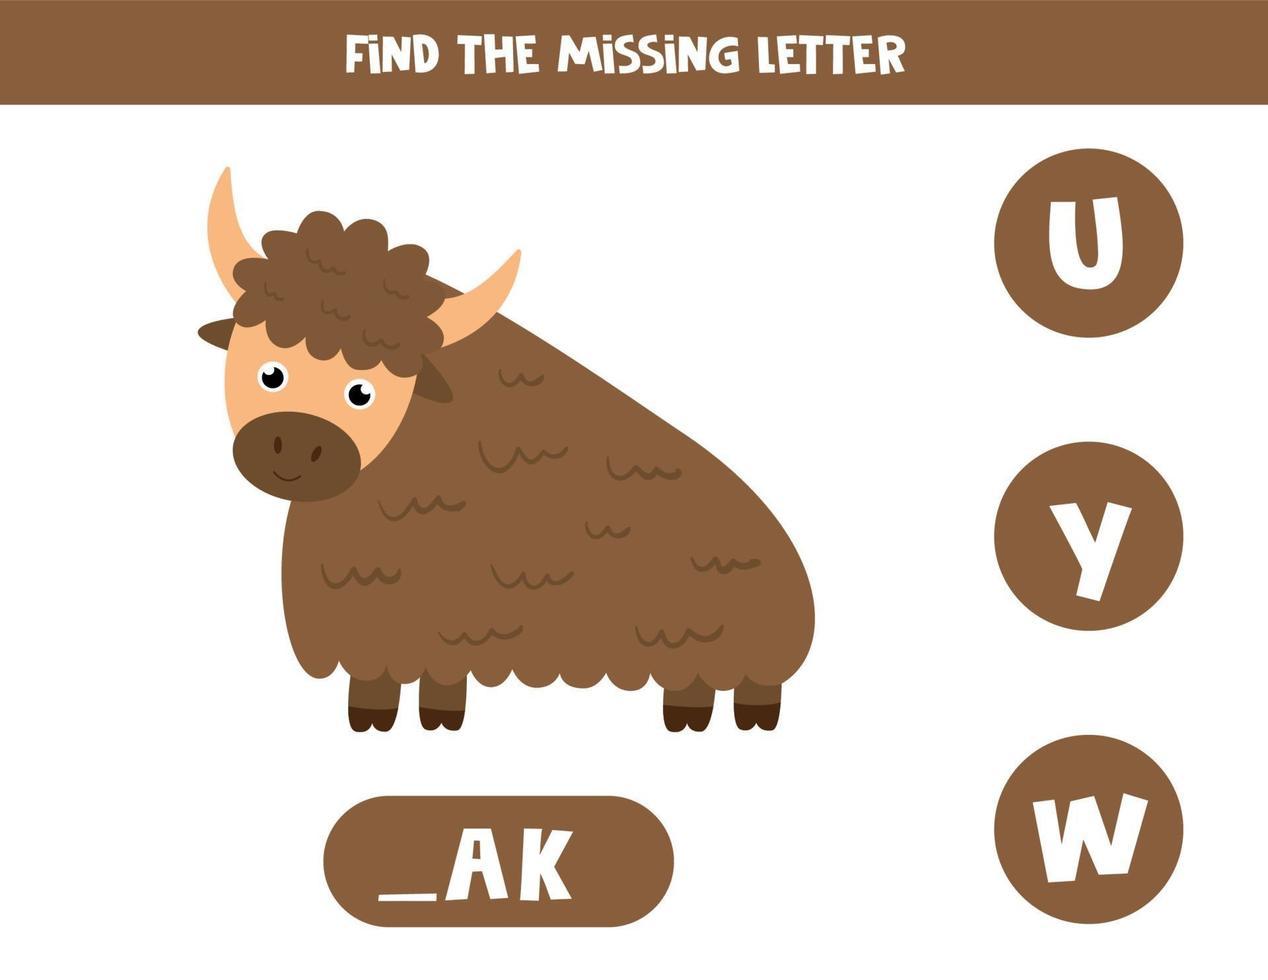 vind ontbrekende brief met schattige cartoon Jak. vector